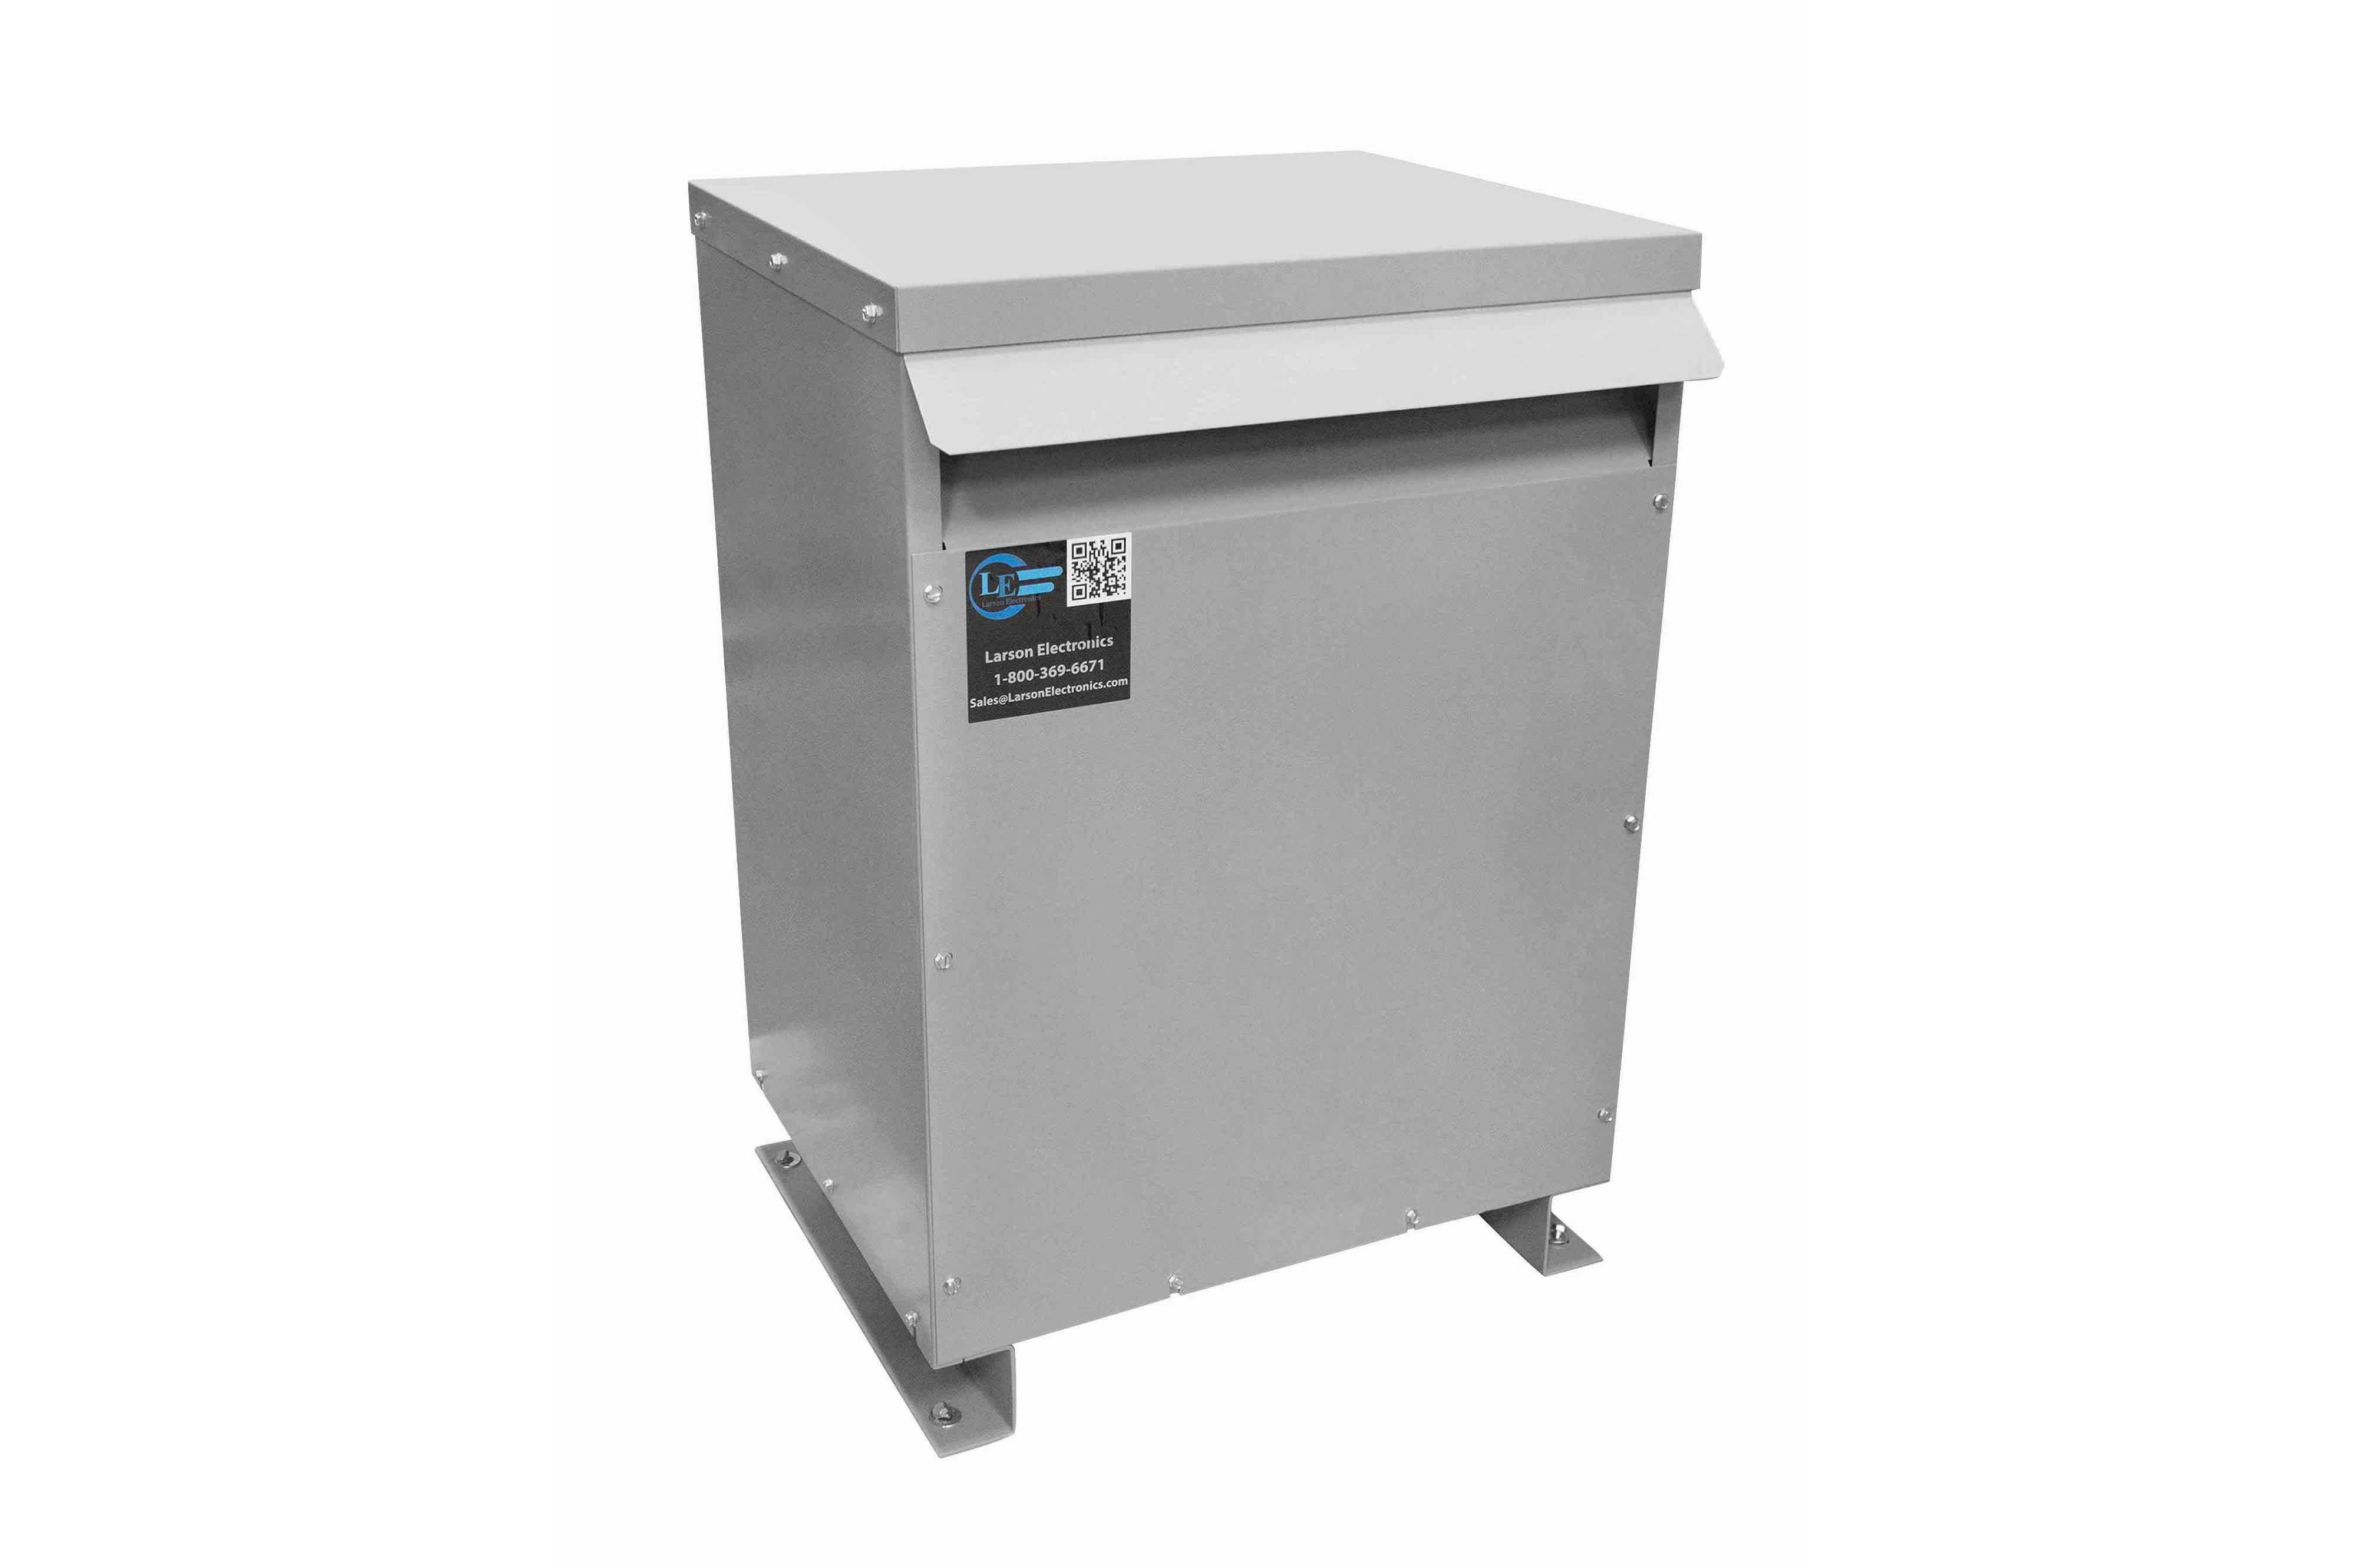 400 kVA 3PH Isolation Transformer, 208V Delta Primary, 480V Delta Secondary, N3R, Ventilated, 60 Hz